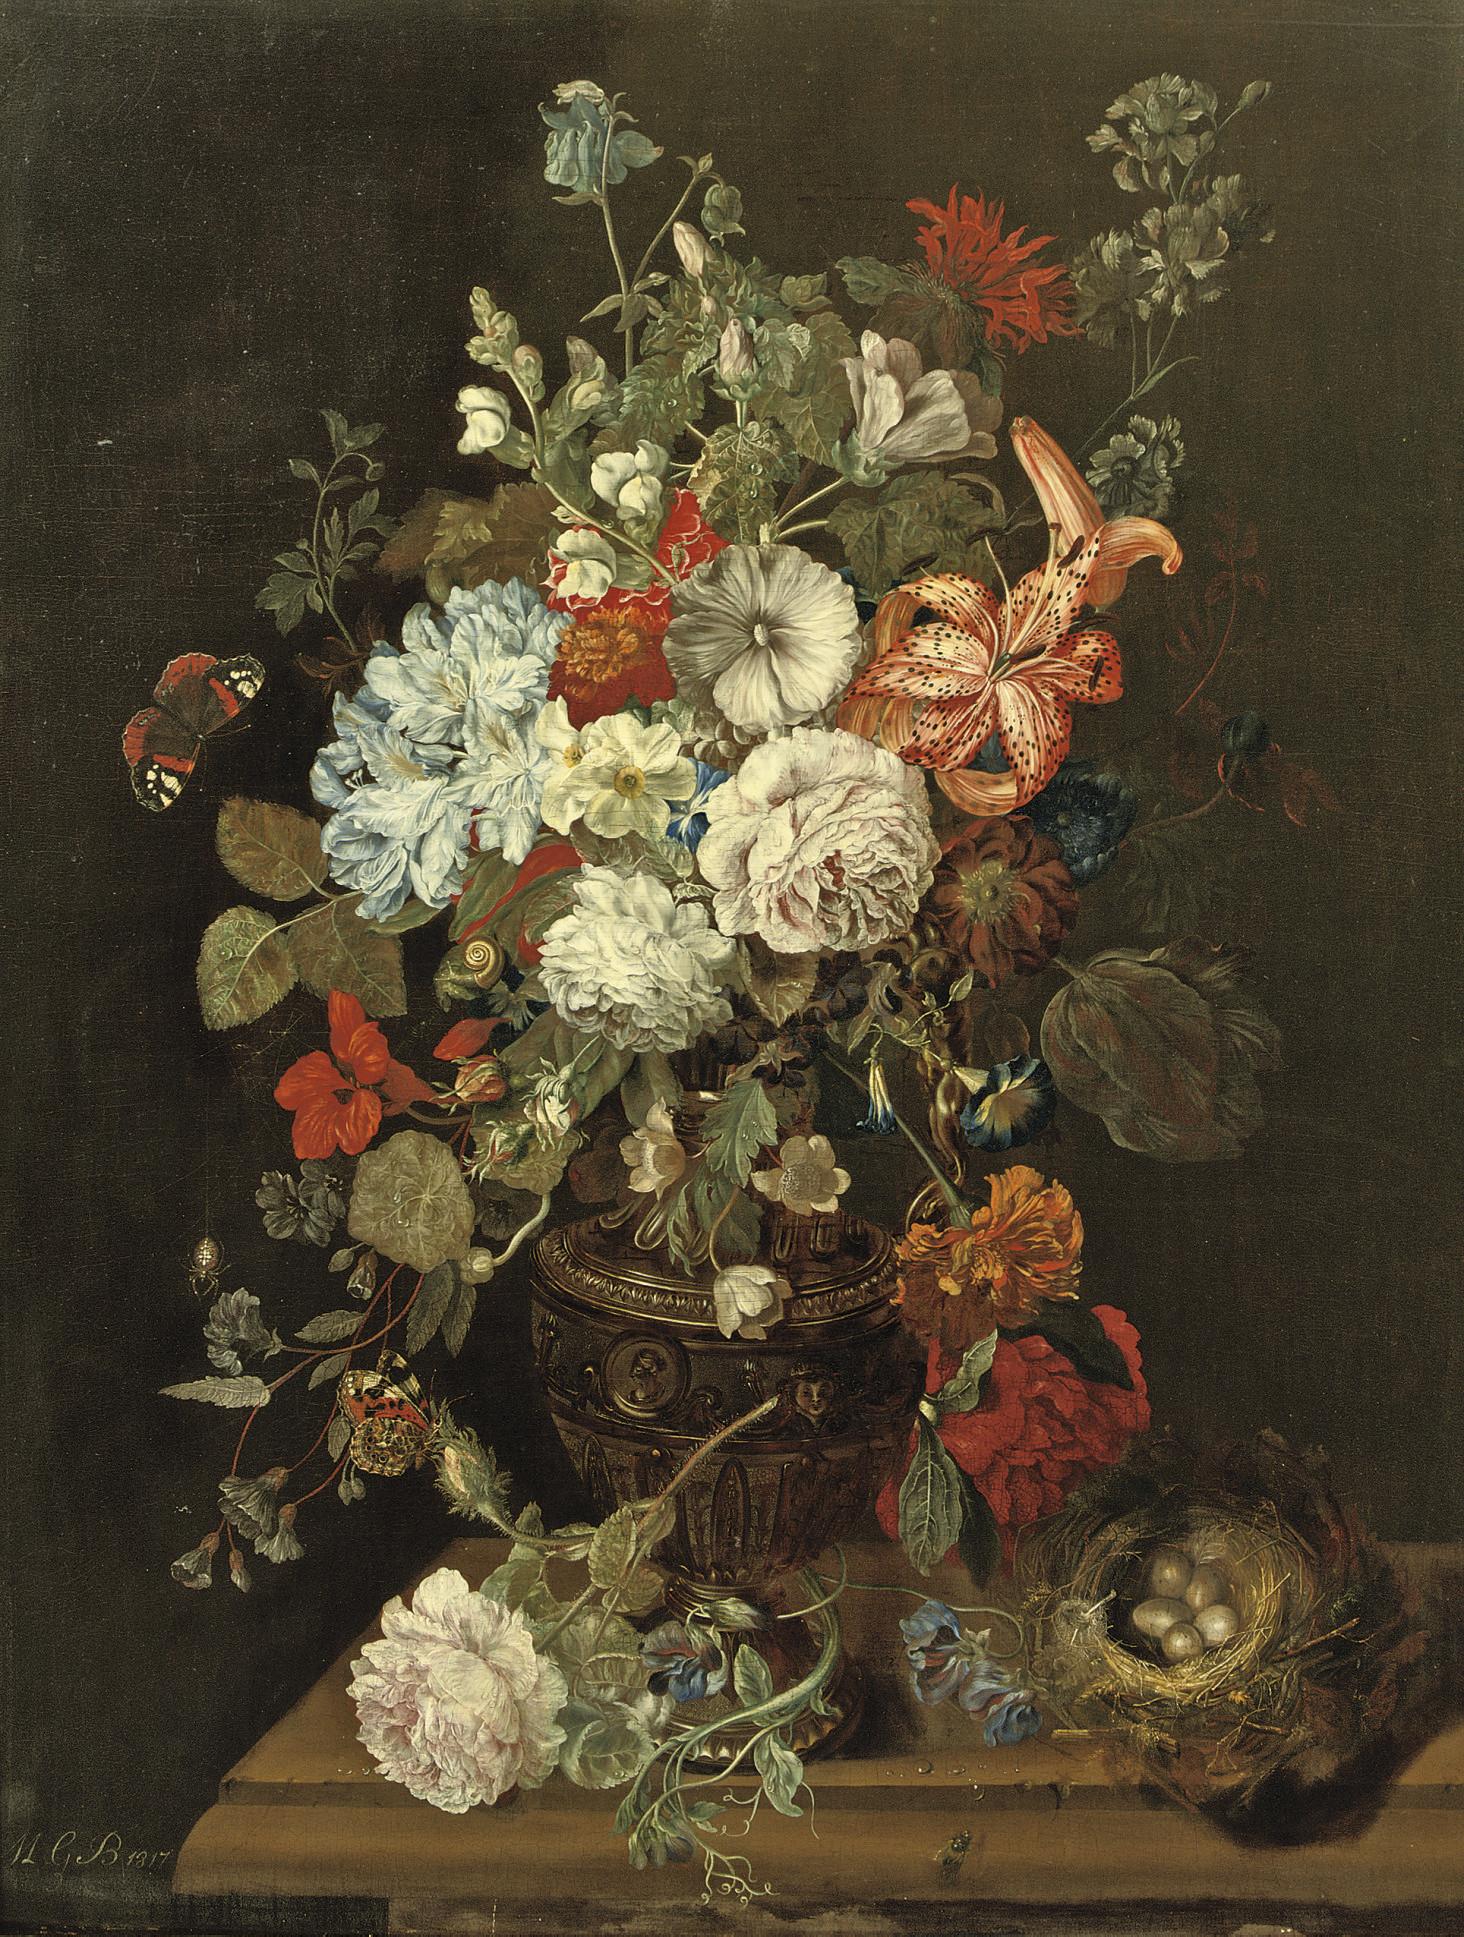 Still life with flowers, a bird's nest and butterflies